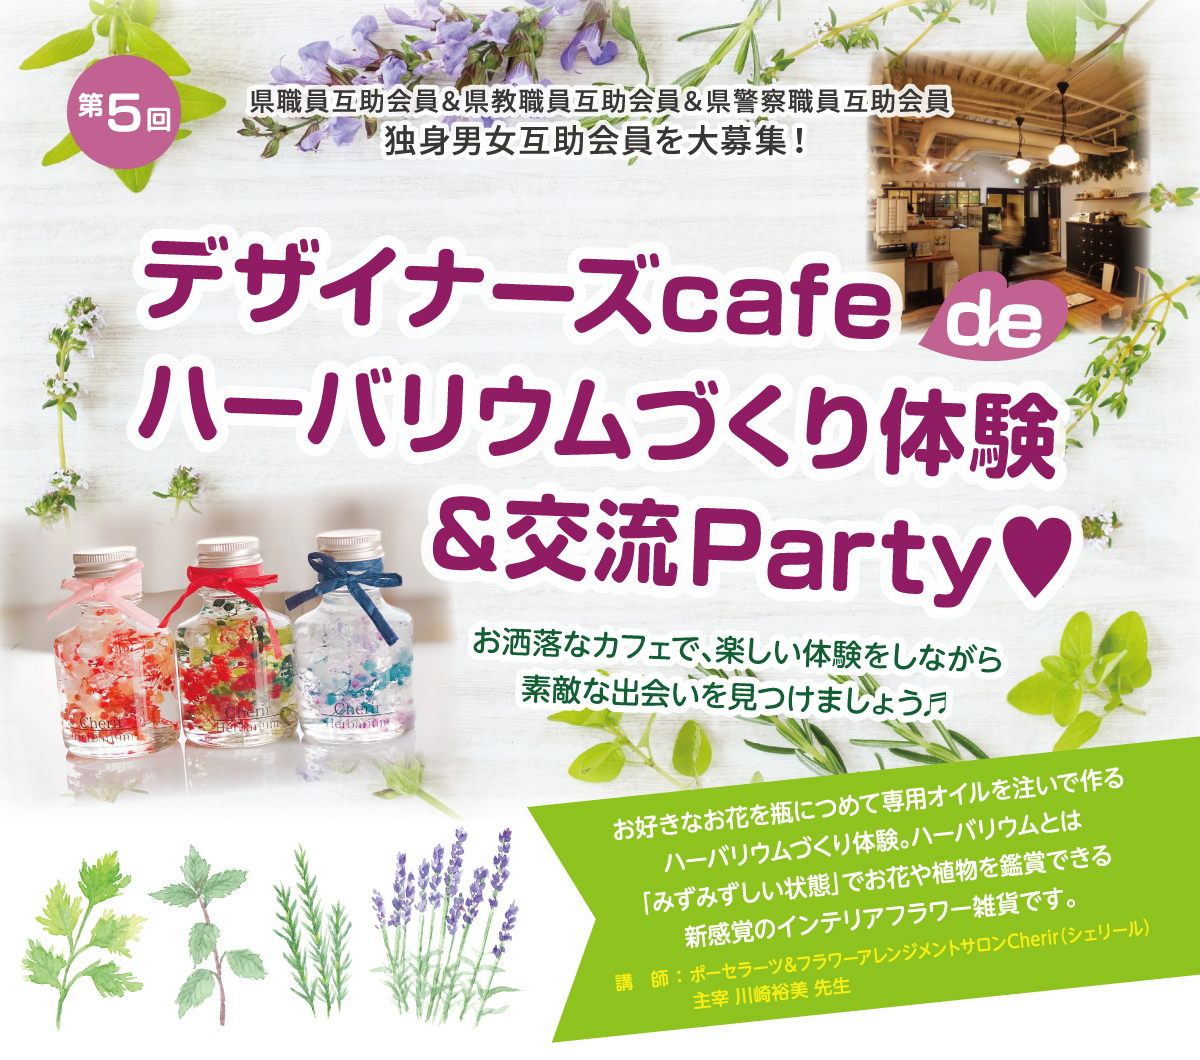 第5回 デザイナーズcafe de ハーバリウムづくり体験 Party